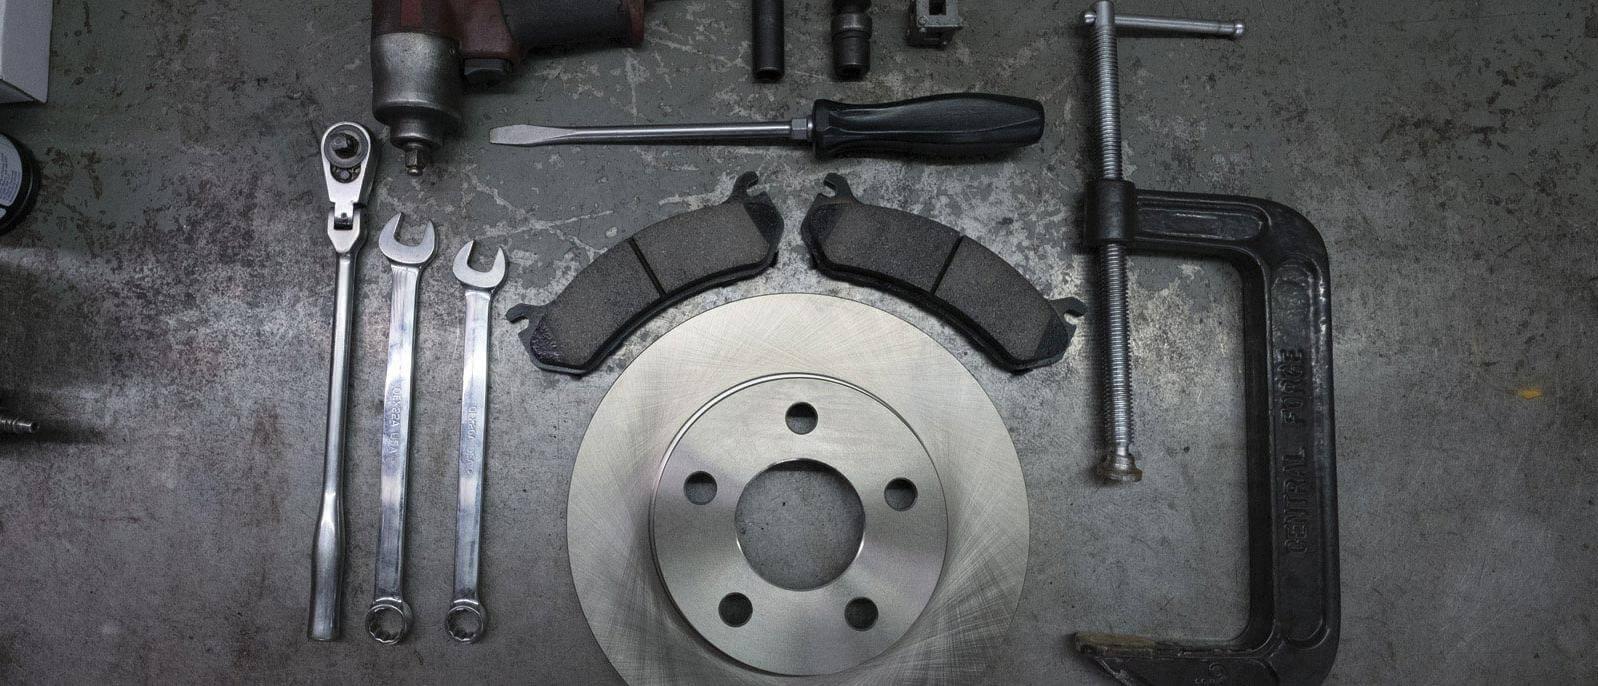 Brake rotor and tools